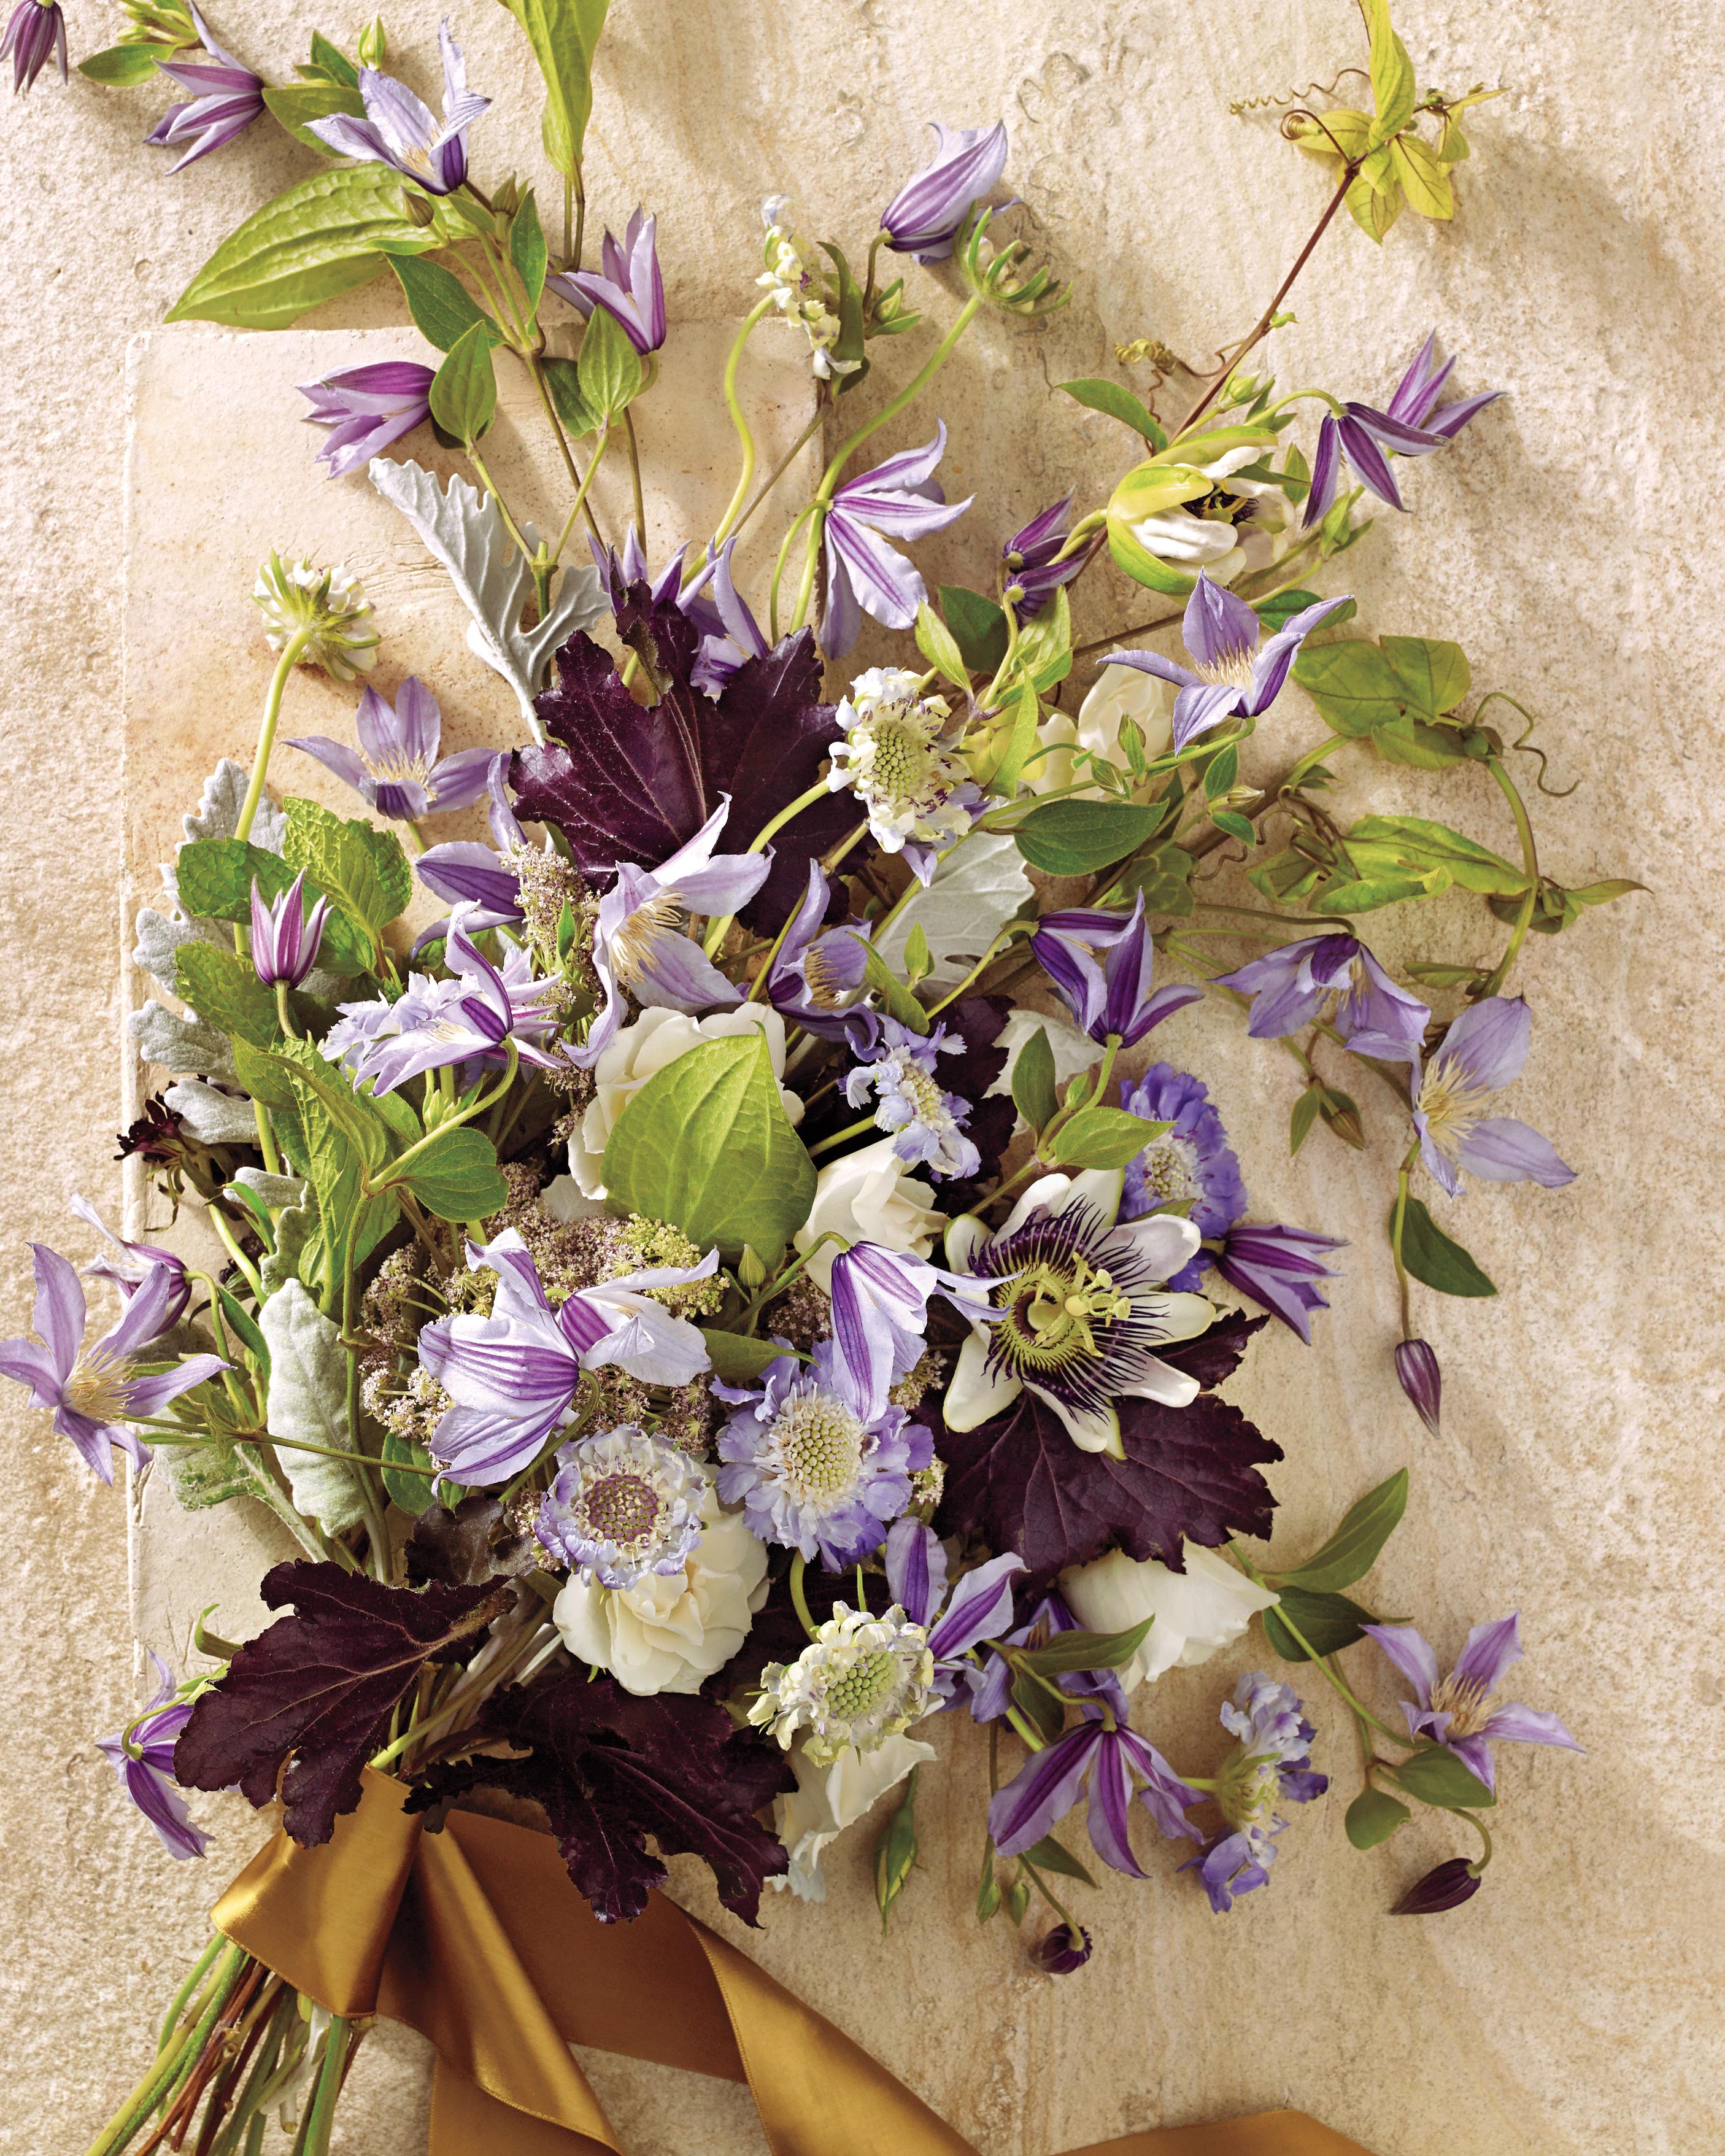 summer-2-bouquet-flowers-086-d111785.jpg